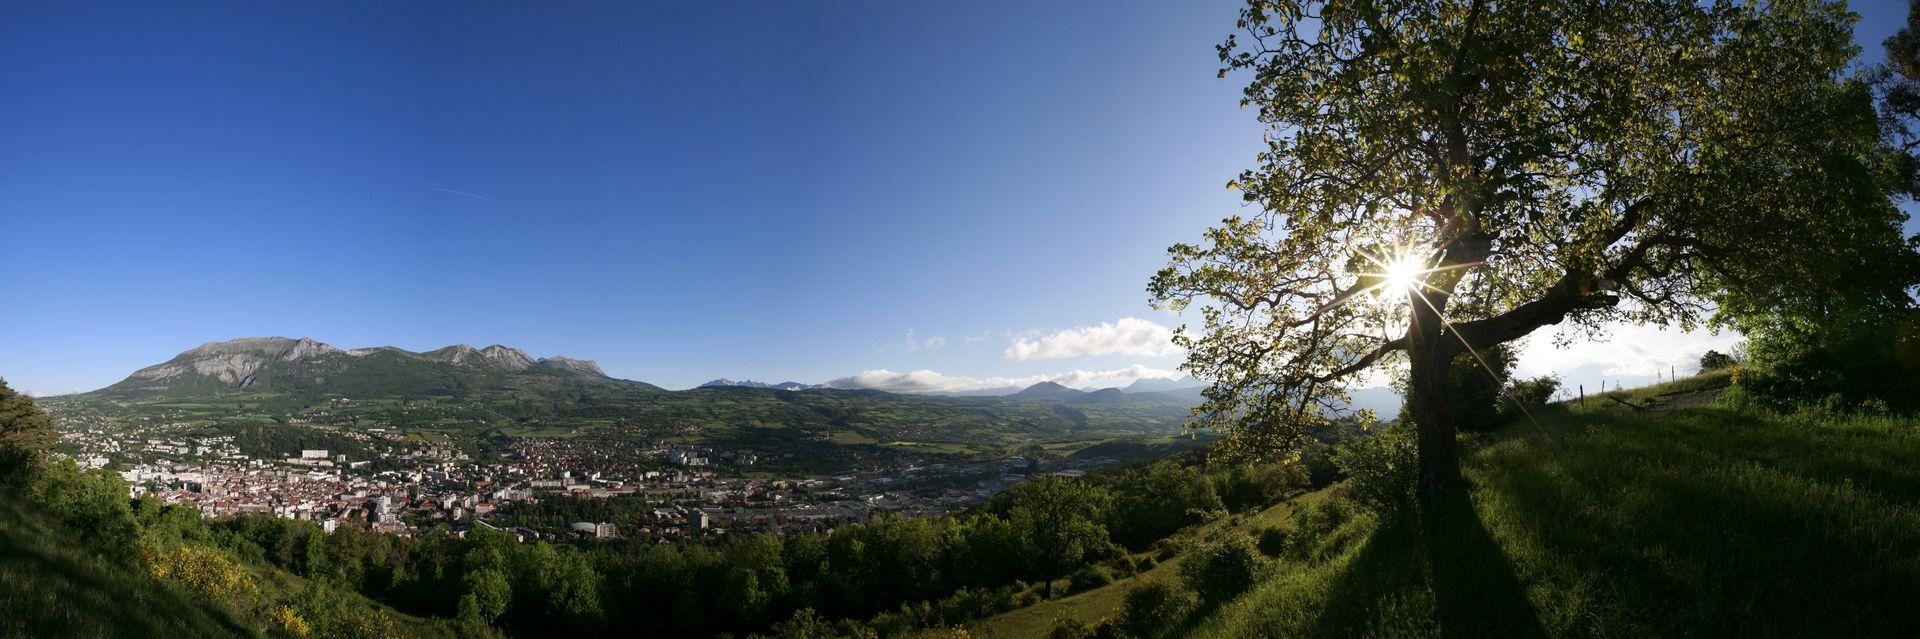 Vue panoramique sur la ville de Gap